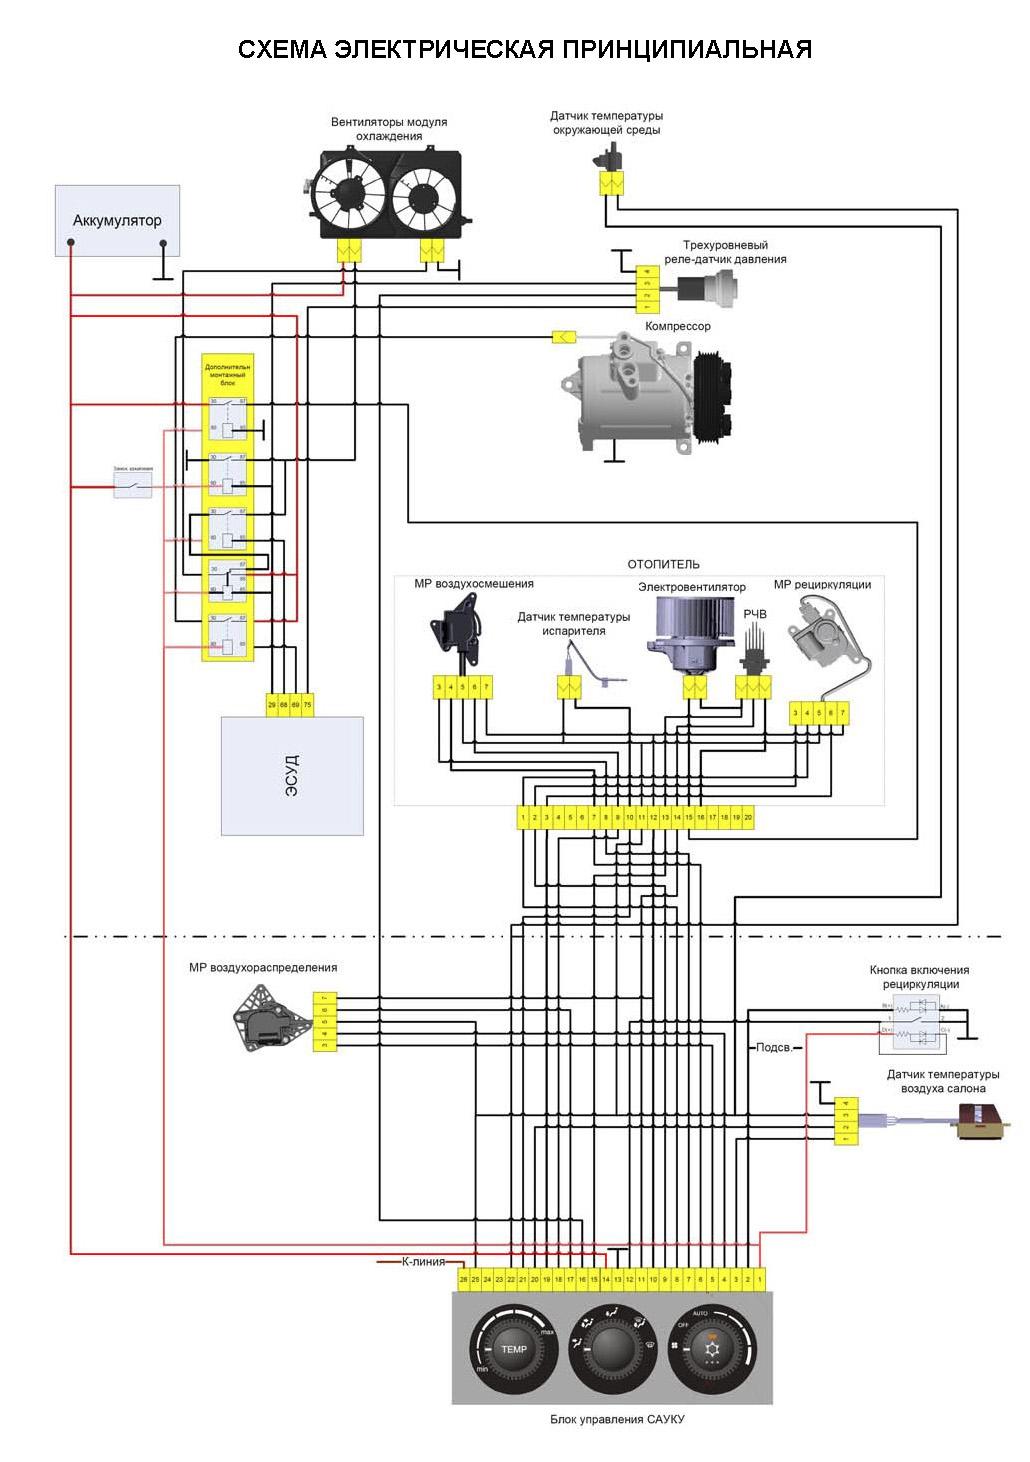 Схема кондиционирования и отопления ВАЗ-2170 Приора